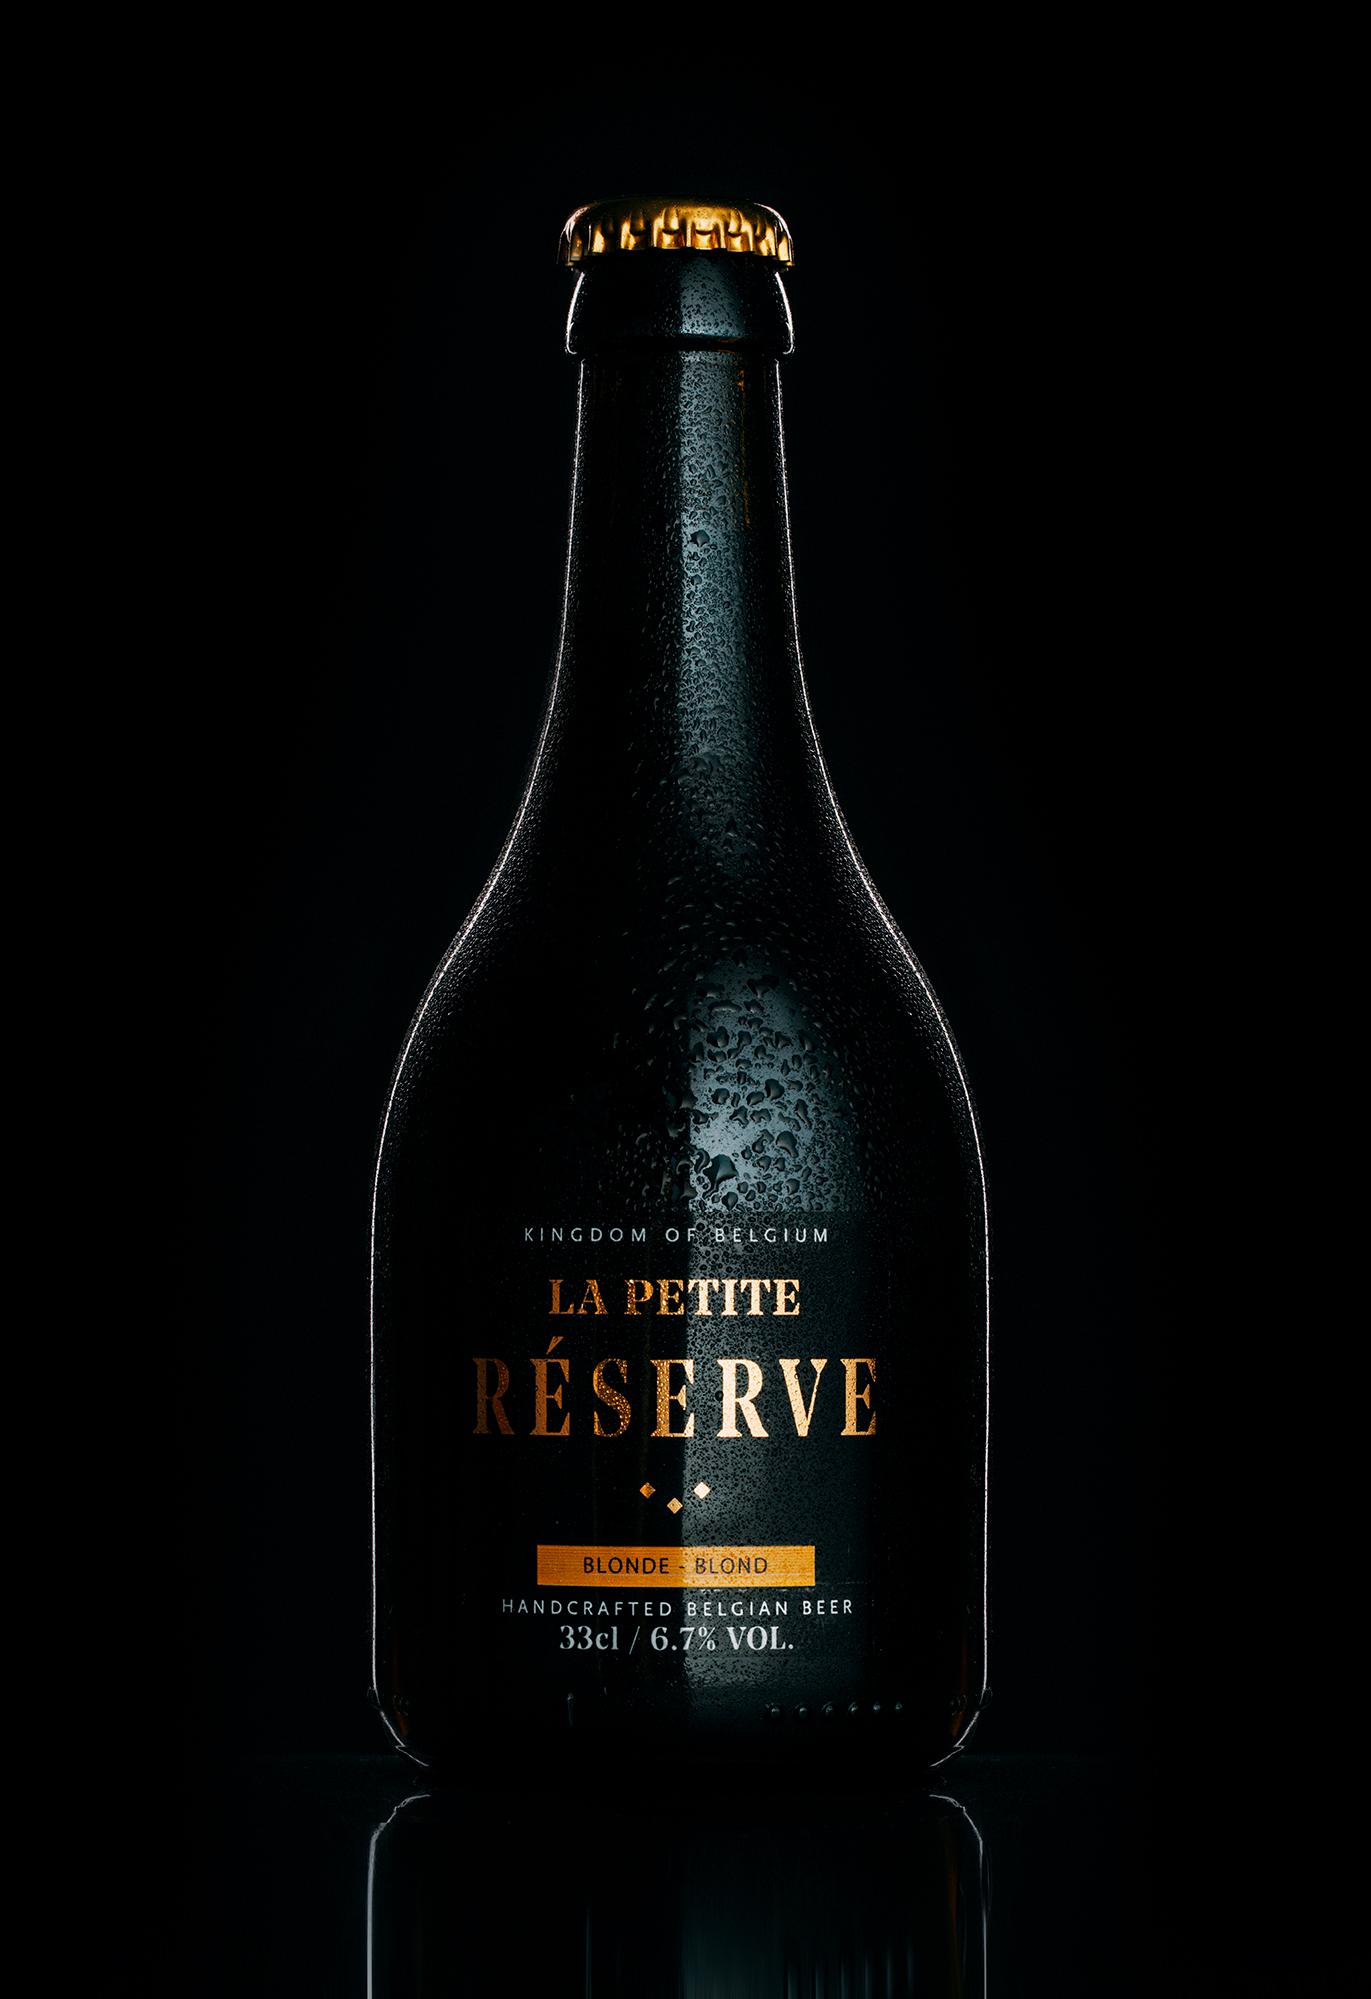 La Petite Reserve - LPR Packshot - claudesadik